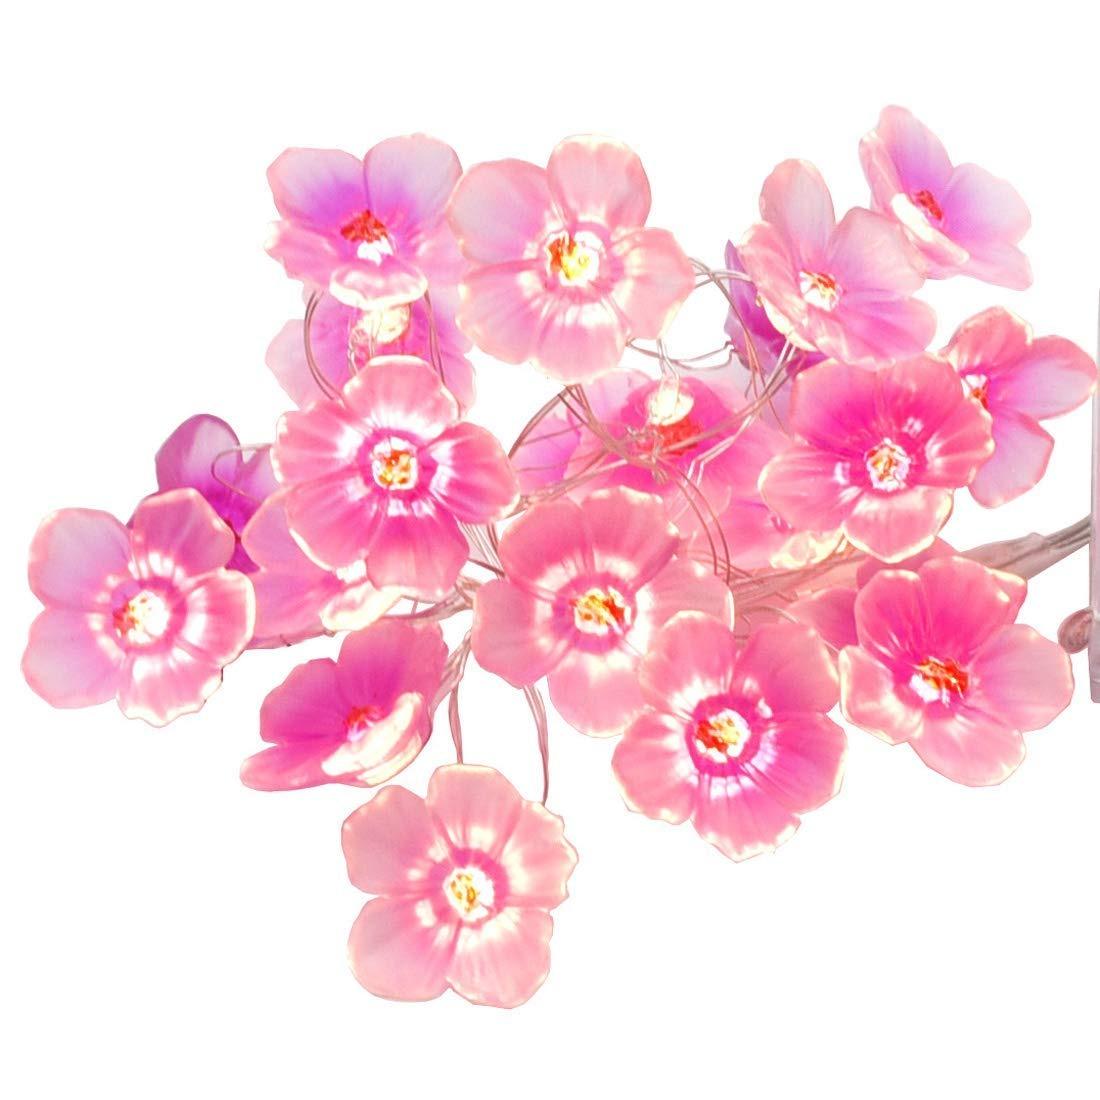 Cadena de flores clipart jpg Luces De La Cadena De Flores Luces De La Secuencia De La ... jpg